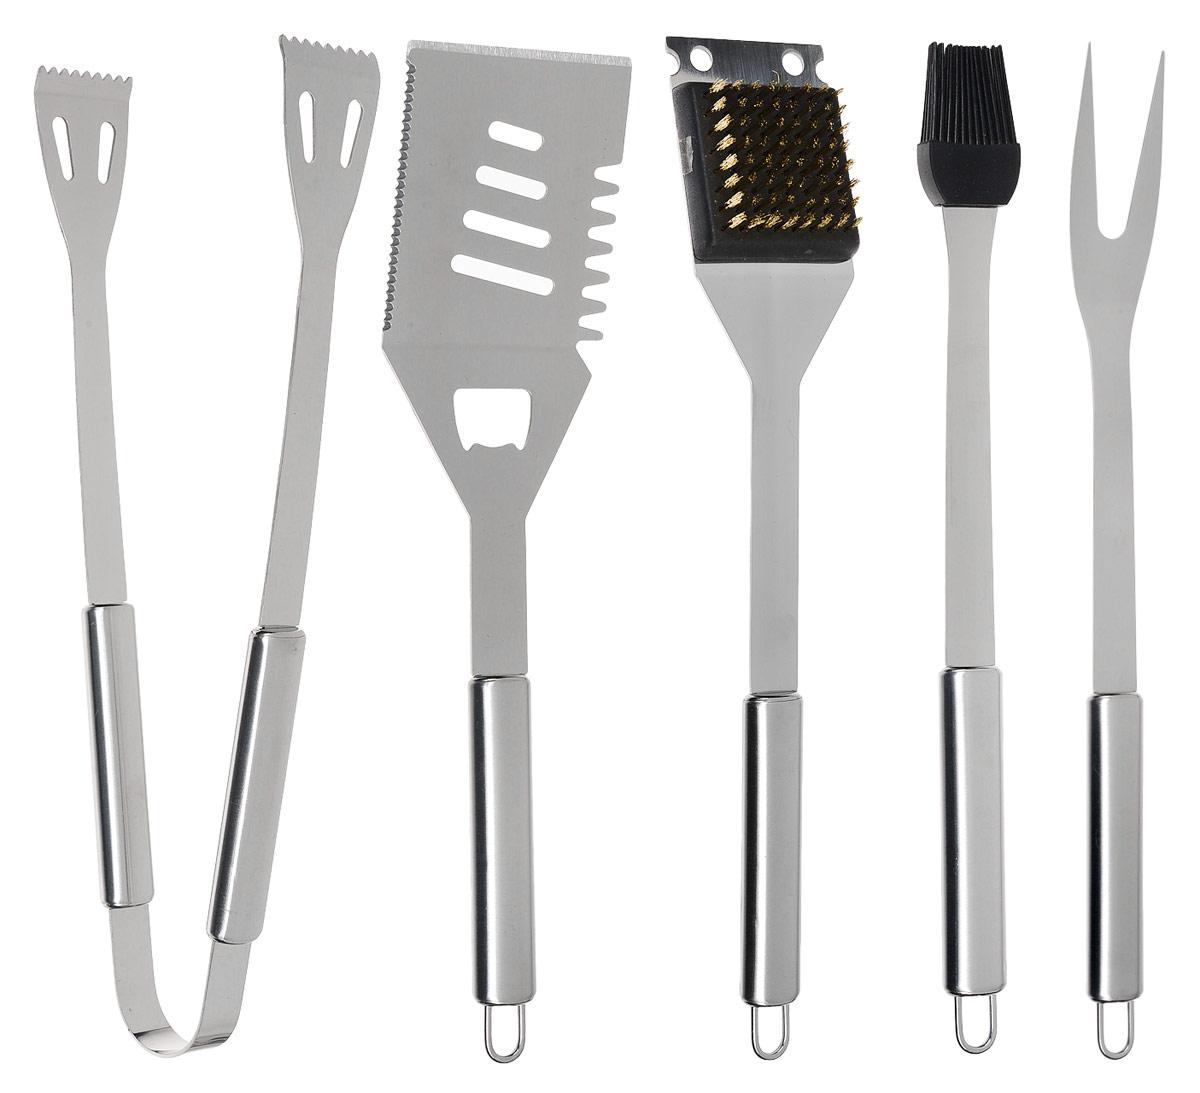 Набор для барбекю Grun Gras, с чехлом, 6 предметов. 30312101-207Набор Grun Gras состоит из специальных инструментов, предназначенных для приготовления гриля и барбекю:- лопатка, - щипцы,- щетка, - силиконовая кисть, - вилка для мяса .Изделия выполнены из высококачественной нержавеющей стали. Сквозь отверстия вщипцах и лопатке жидкость может беспрепятственно стекать. Такимобразом, продукты могут аккуратно выкладываться.Петельки для подвешивания позволяют хранитьинструменты прямо у гриля.Набор упакован в алюминиевый кейс с металлическими защелками.Длина лопатки: 33 см. Размер рабочей части лопатки: 15 х 8 см.Длина щипцов: 34 см.Длина щетки: 35 см.Размер рабочей части щетки: 8 х 6 см.Длина силиконовой кисти: 33 см.Размер рабочей части кисти: 5,5 х 3 х 1 см.Длина вилки для мяса: 41 см. Длина ножа для мяса: 35 см.Размер рабочей части вилки для мяса: 8,5 х 3,5 см.Размер кейса: 38 х 17 х 8 см.